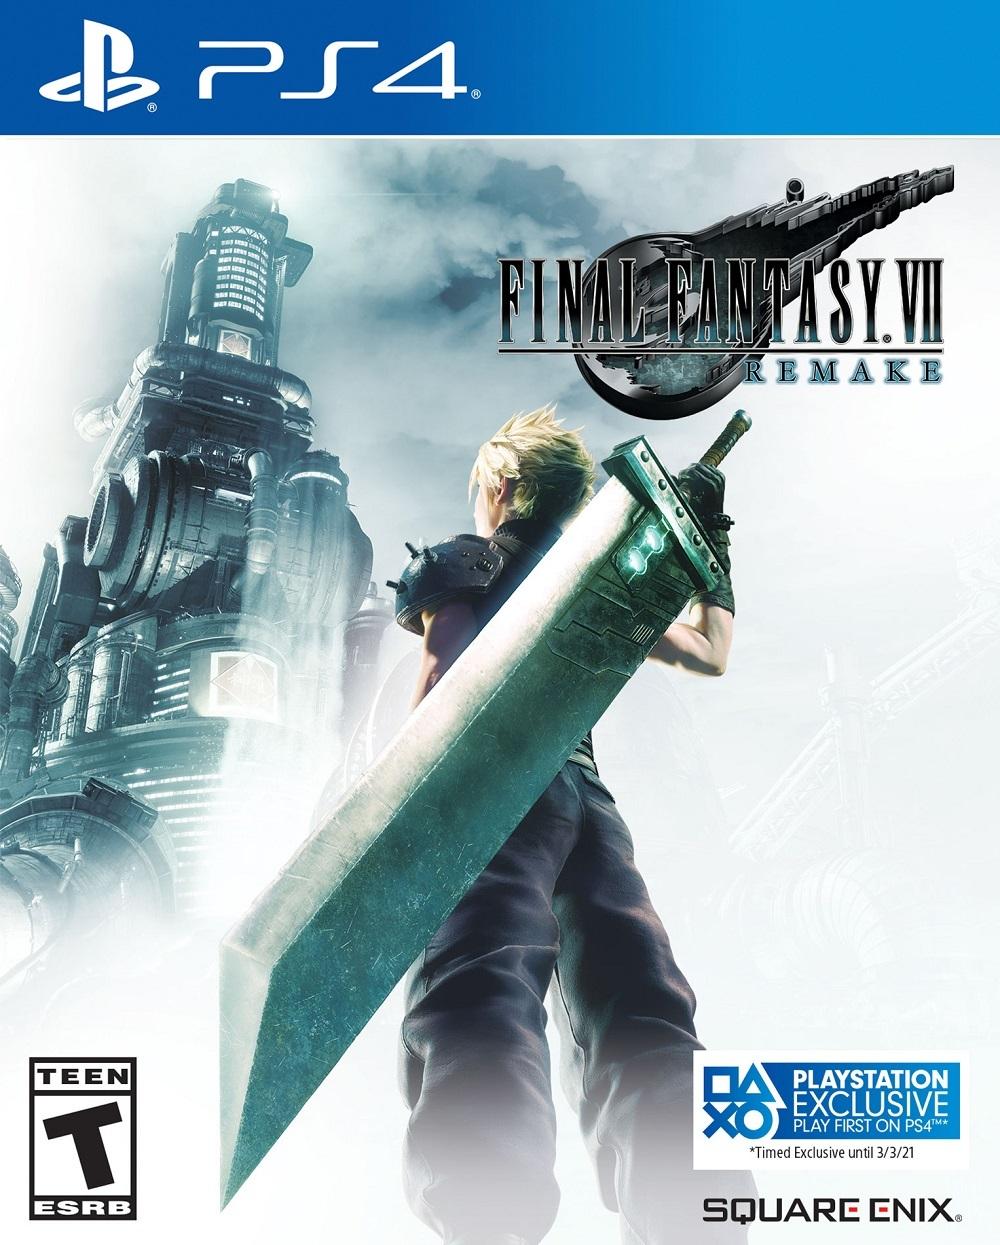 FF7_PS4_2D_v2_-_Copy.jpg